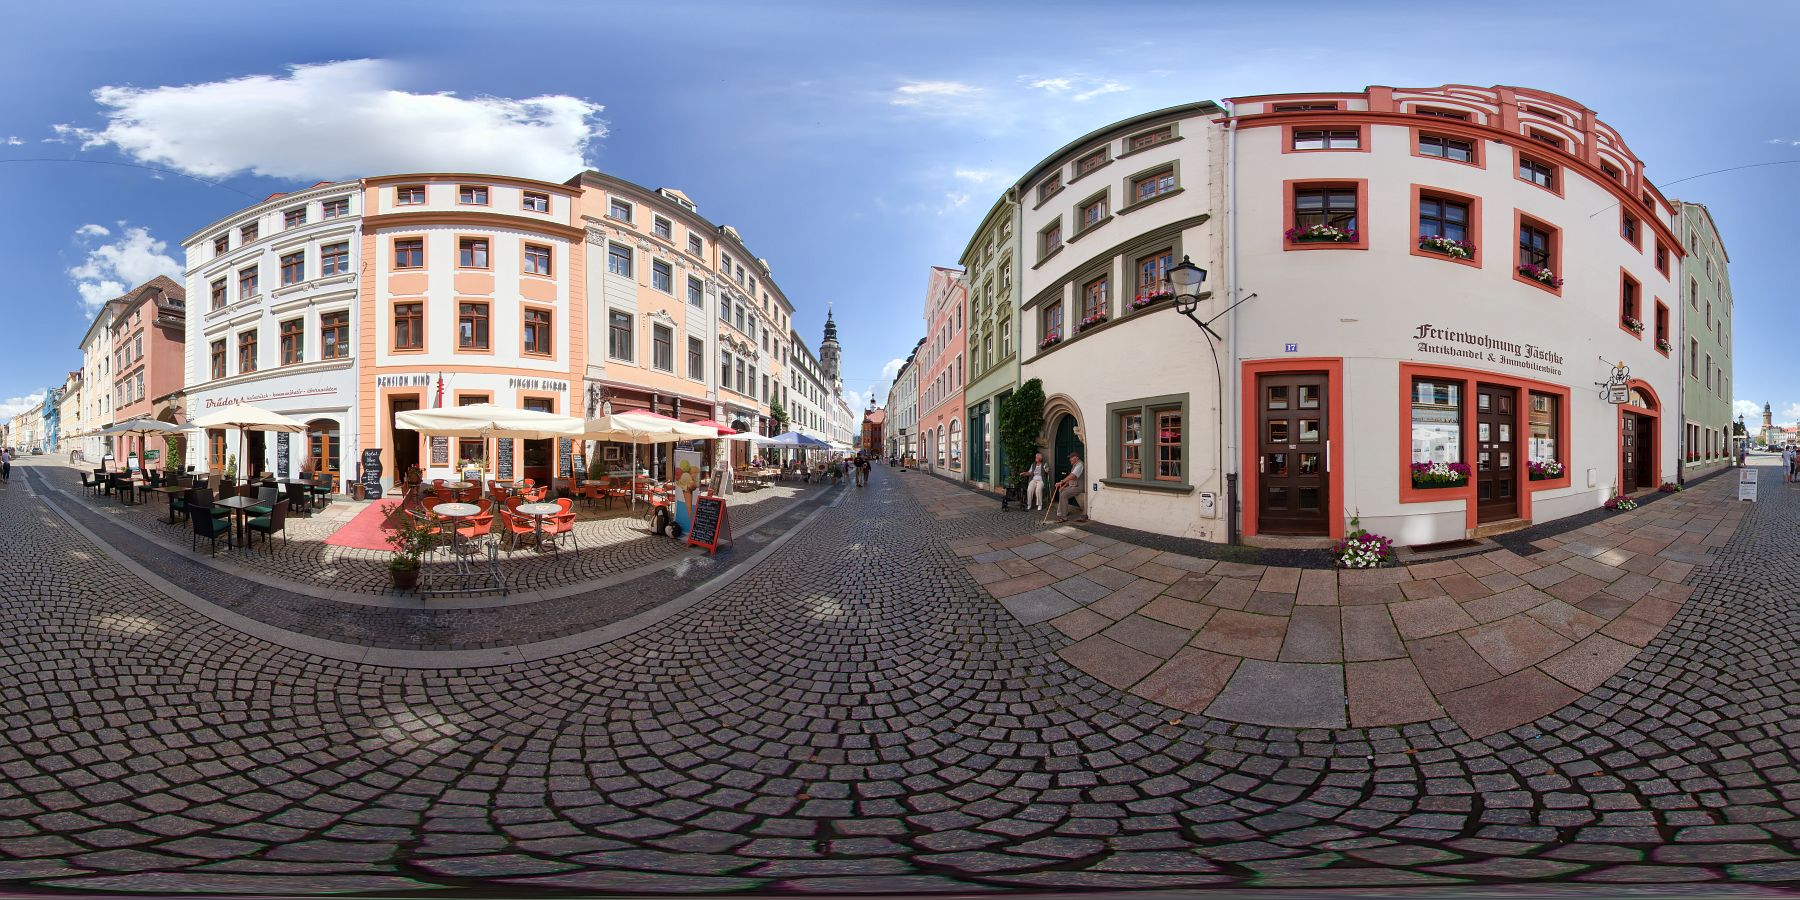 Stadt_goerlitz_5